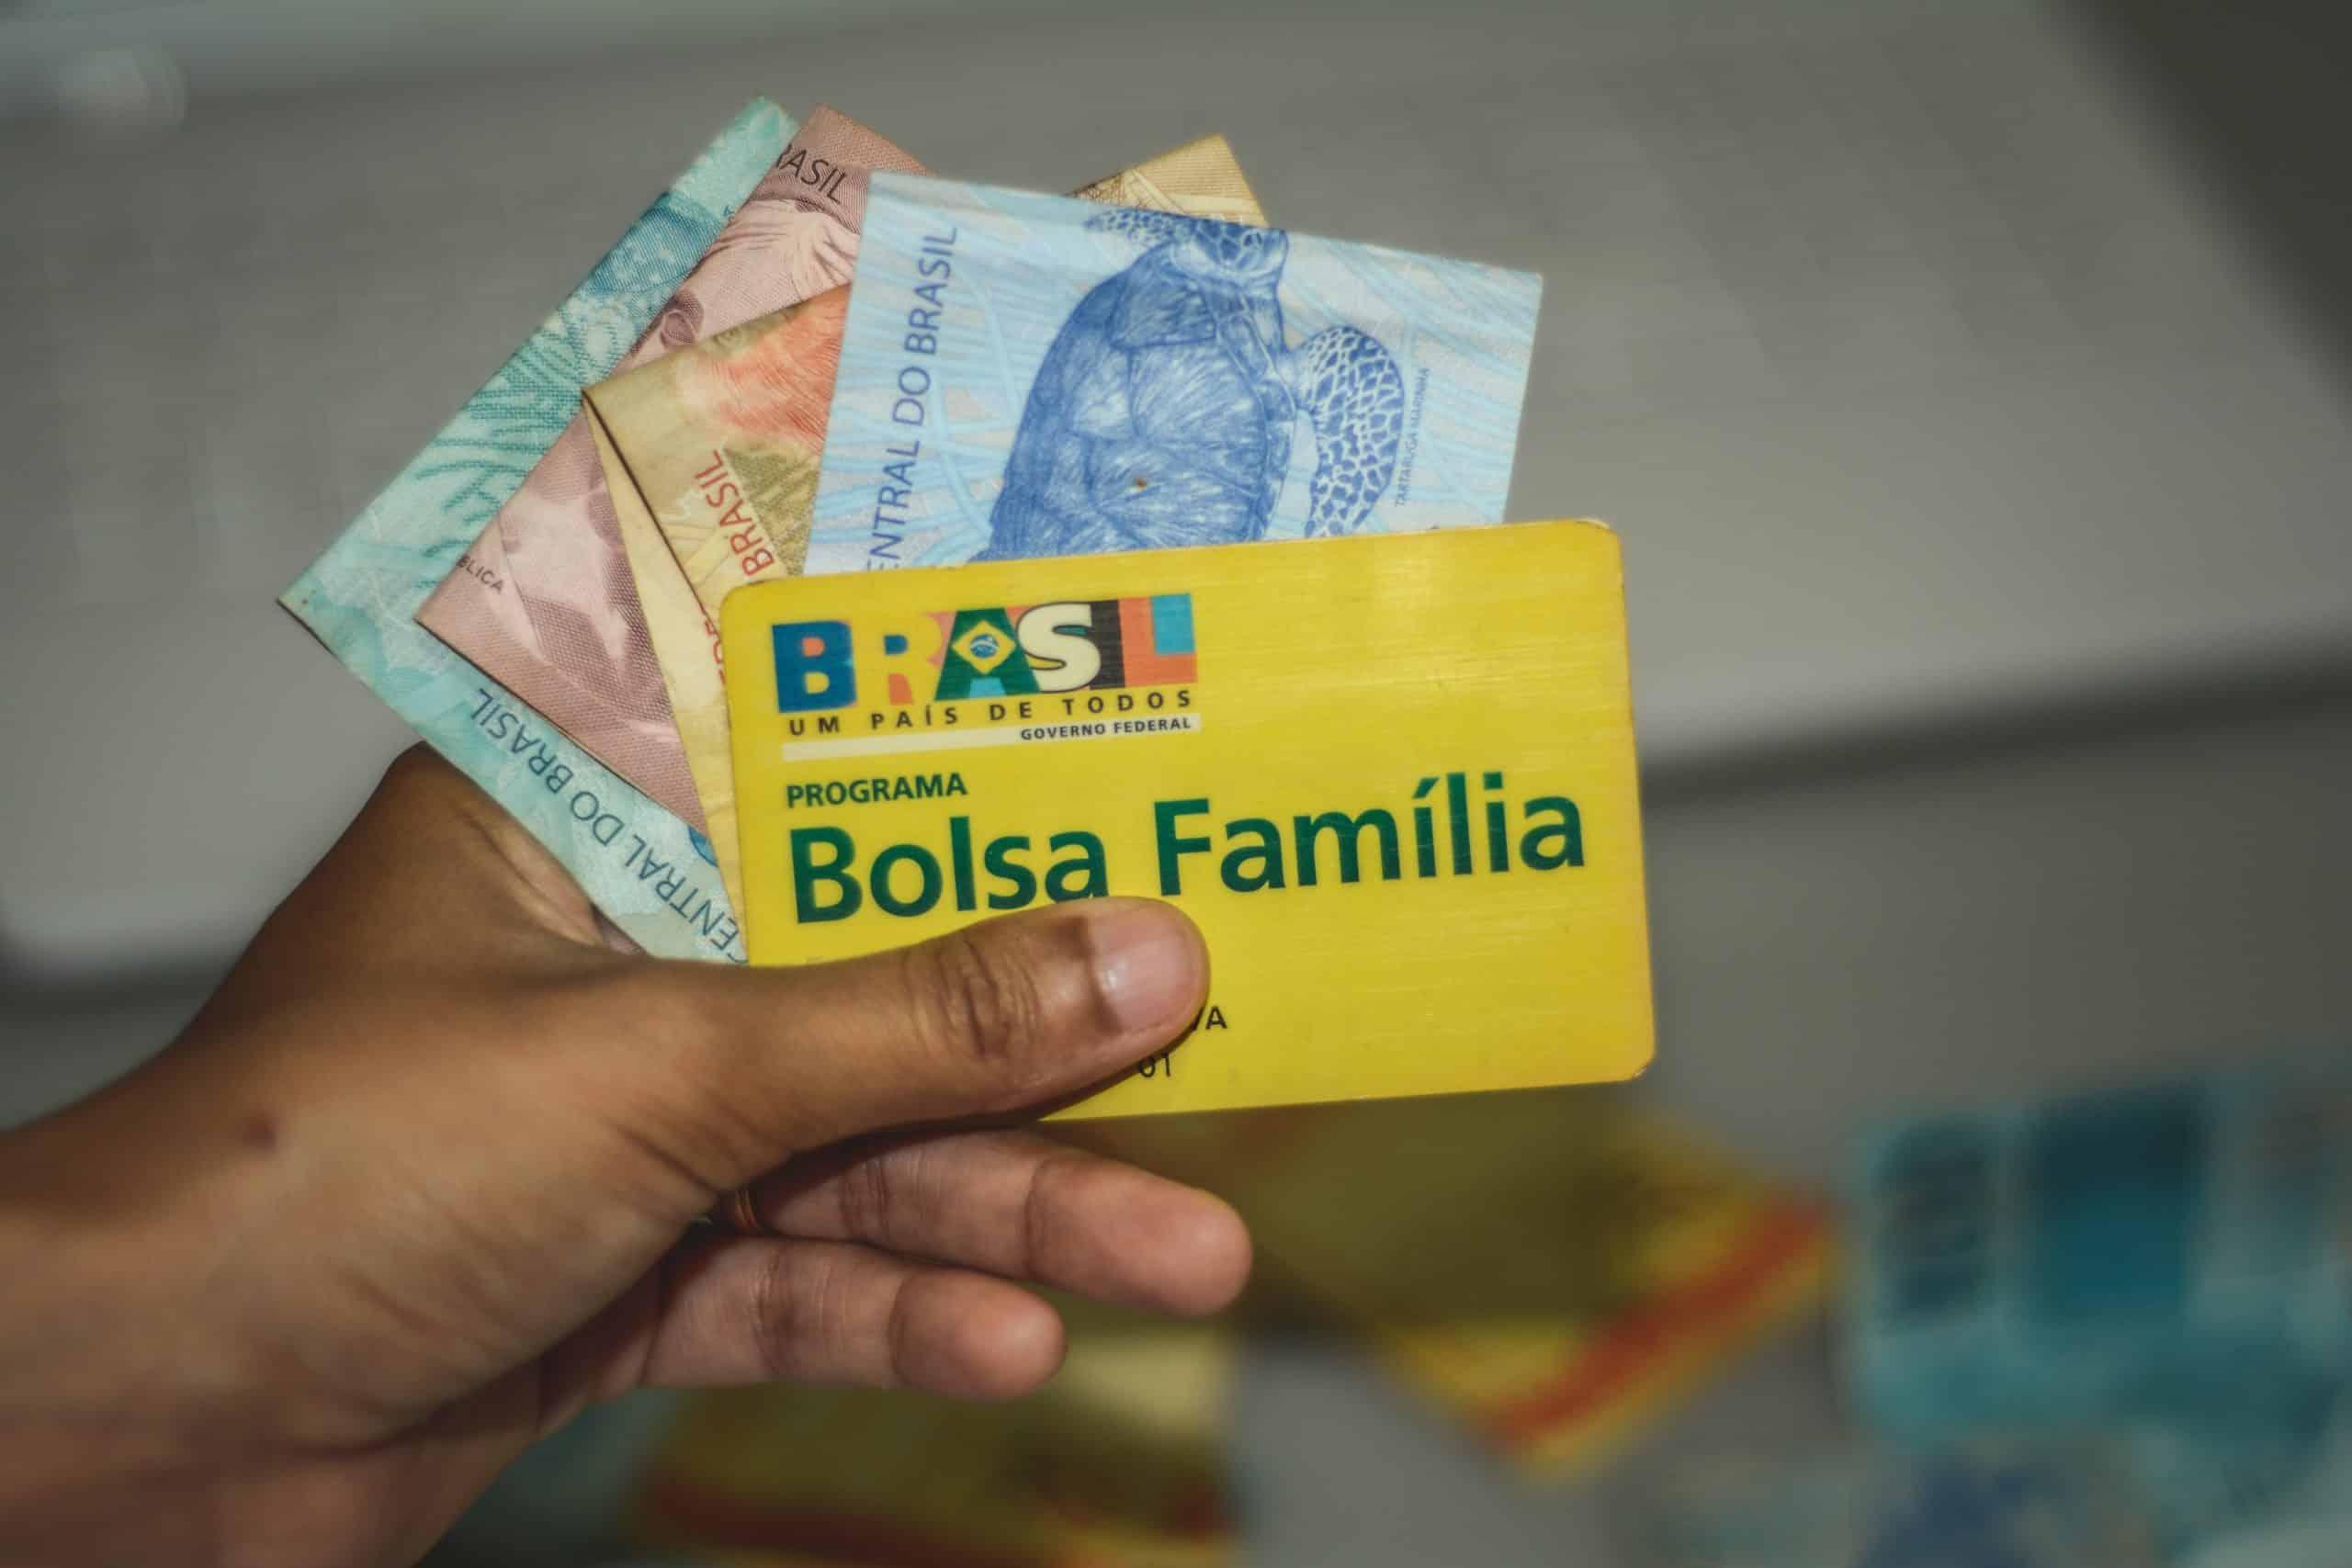 Pagamento do Bolsa Família, vacinação no RJ e SP e isenção na FUVEST são destaques na semana